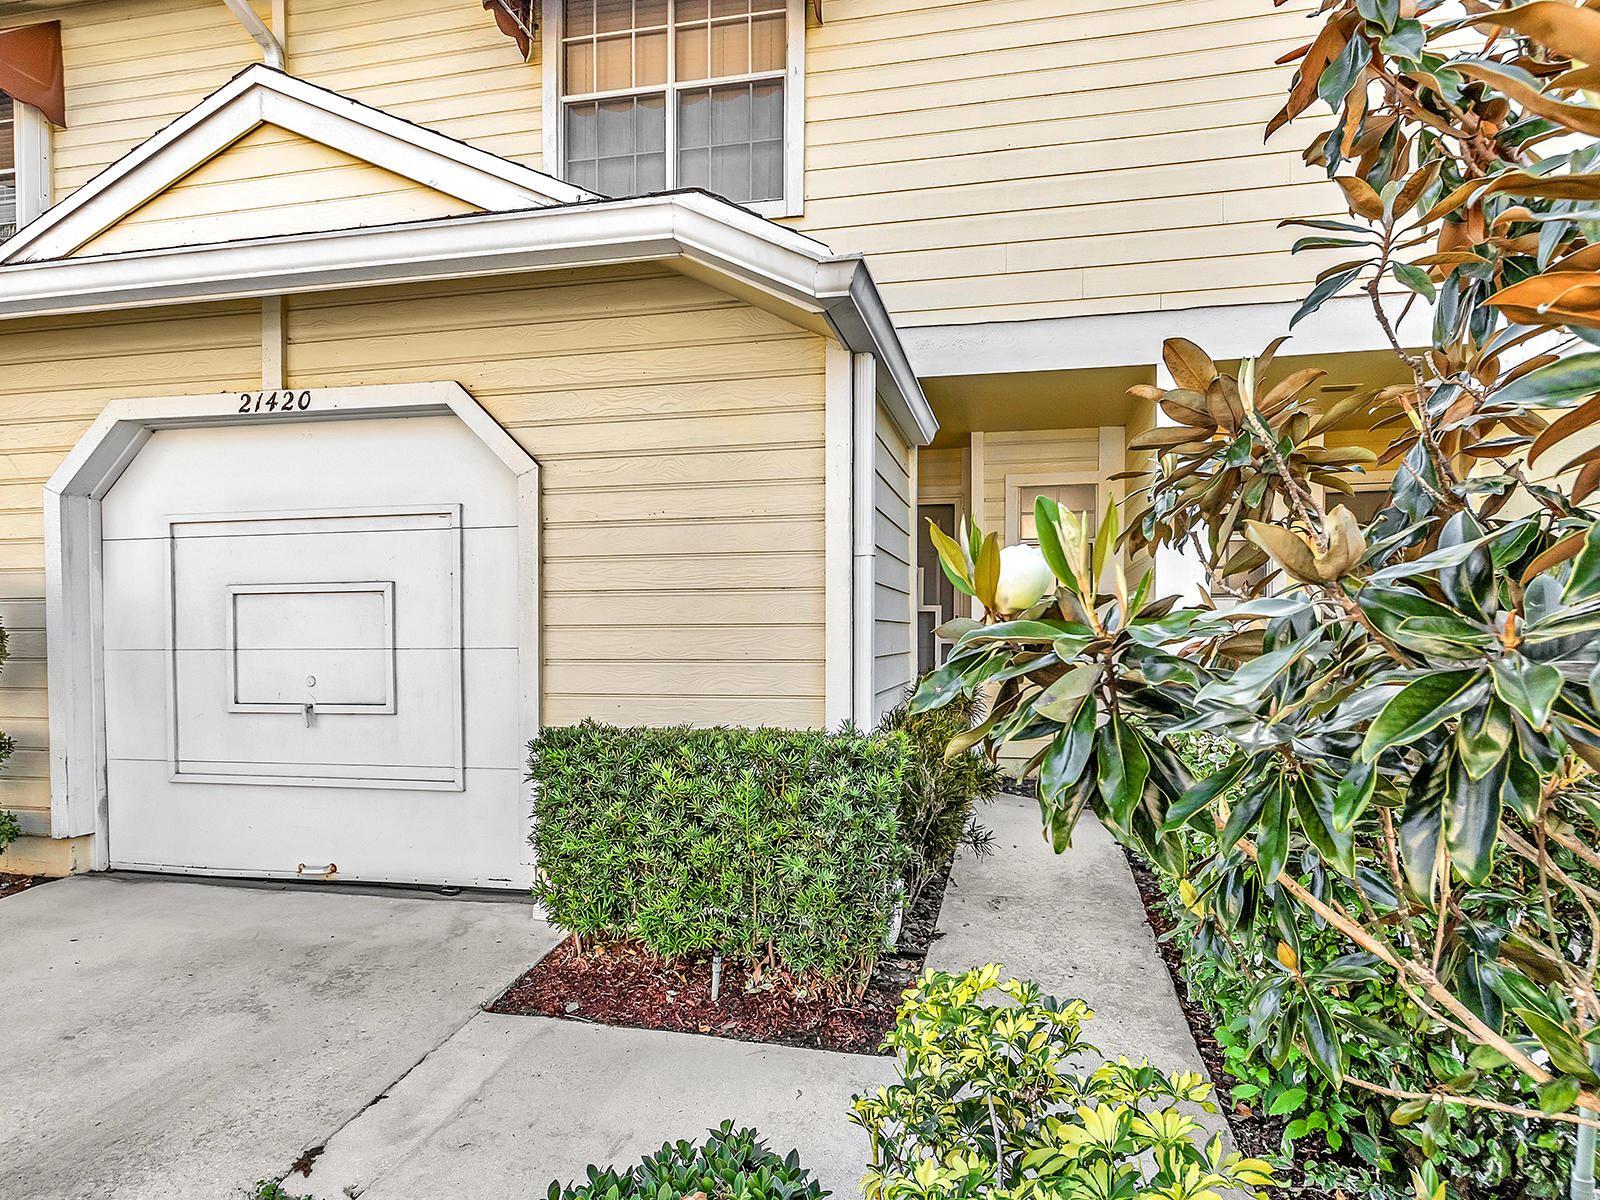 21420 Tudor Drive, Boca Raton, FL 33486 - #: RX-10706819